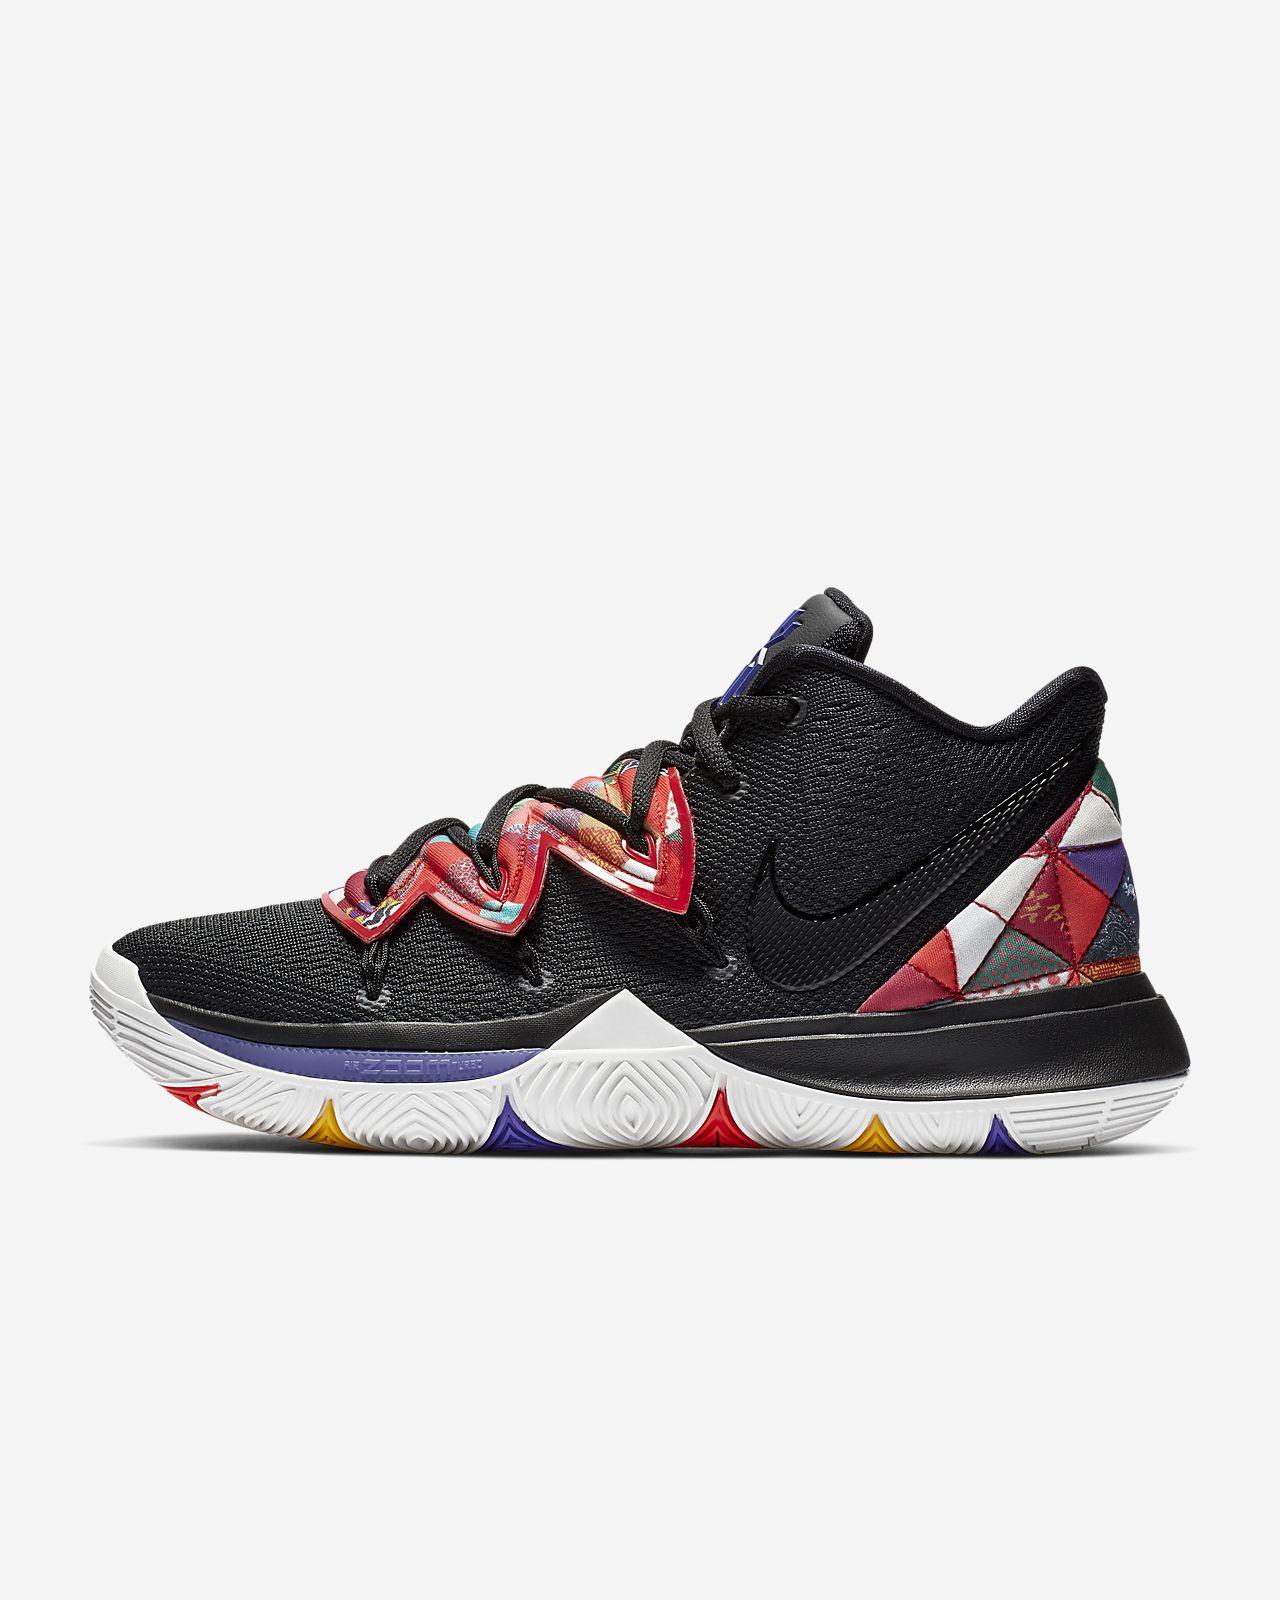 Kyrie 5 CNY Zapatillas de baloncesto. Nike.com ES 00c3cfdbecf02